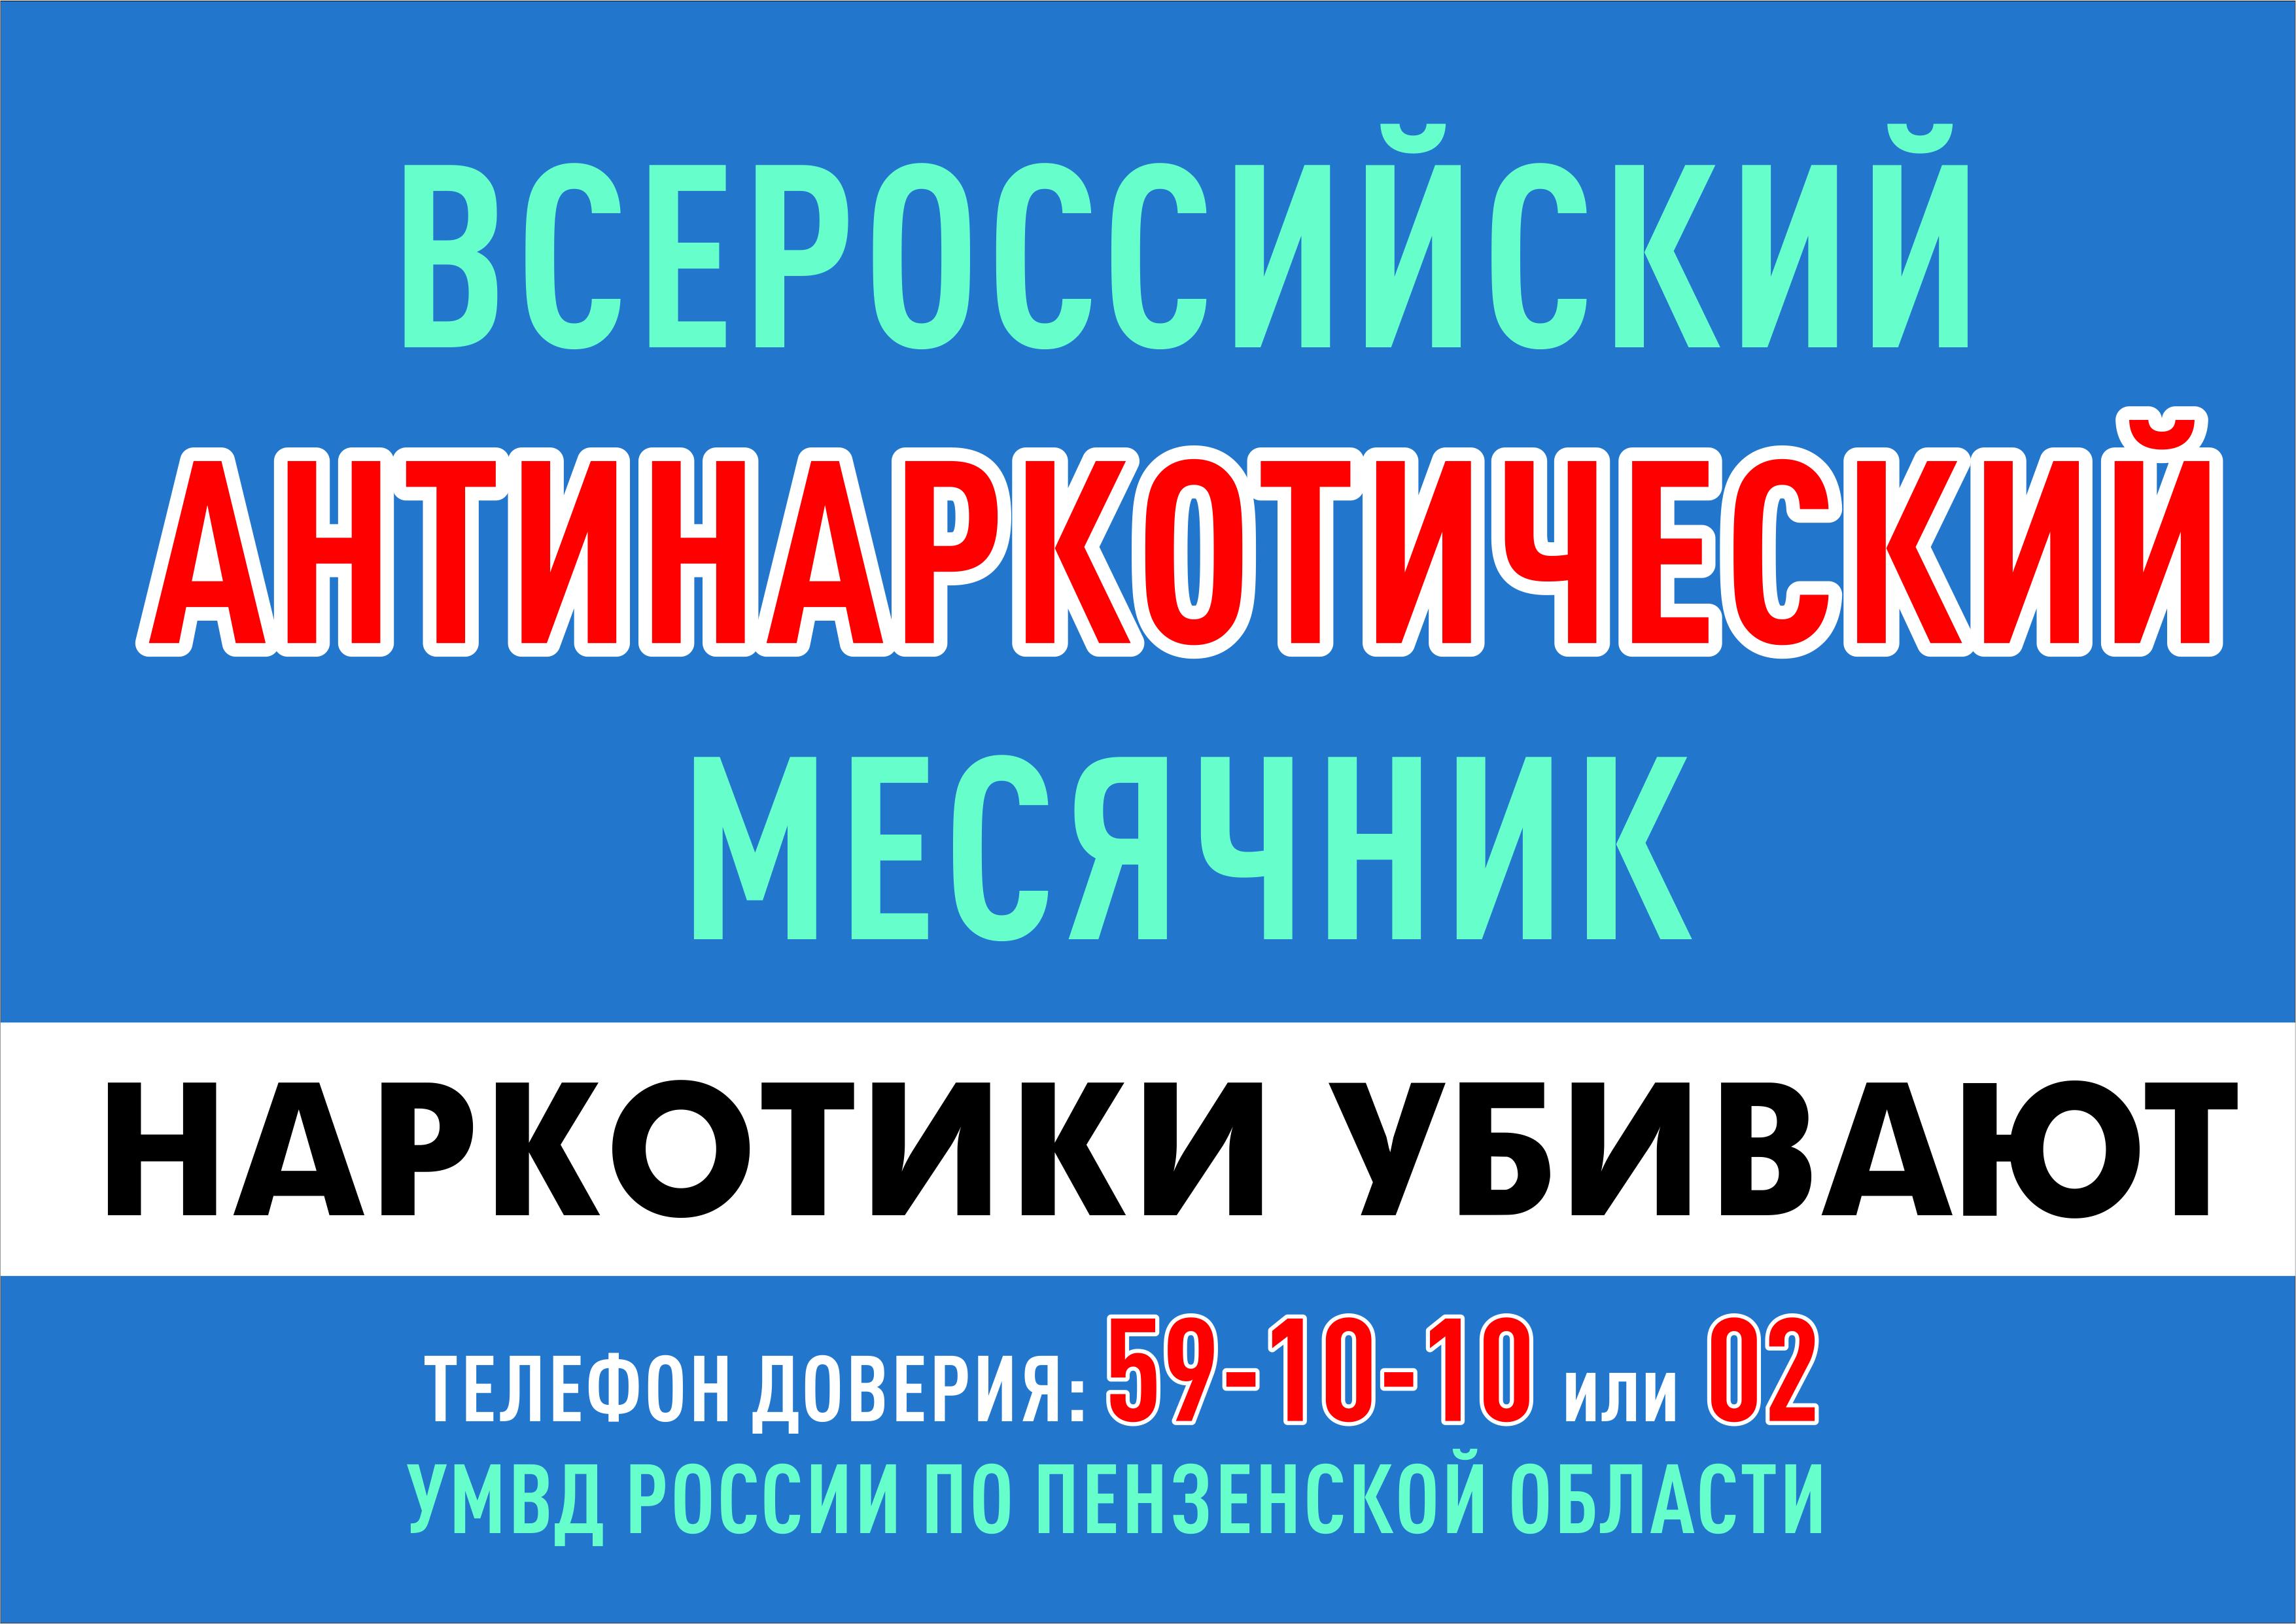 Всероссийский антинаркотического месячник